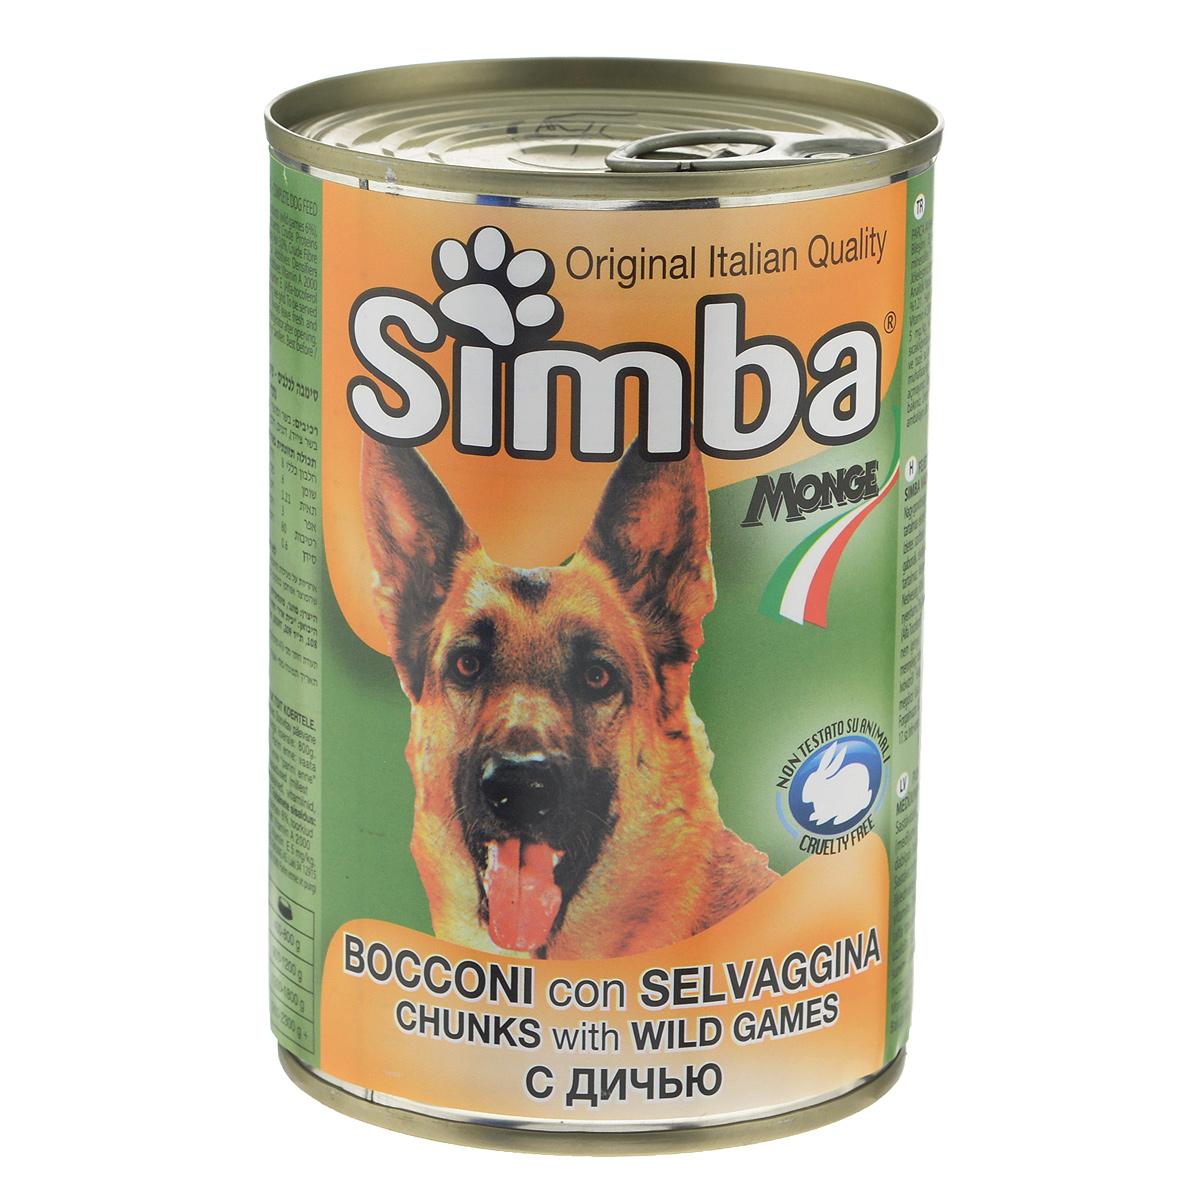 Консервы для собак Monge Simba, кусочки с дичью, 415 г консервы для собак monge fresh с ягненком 100 г